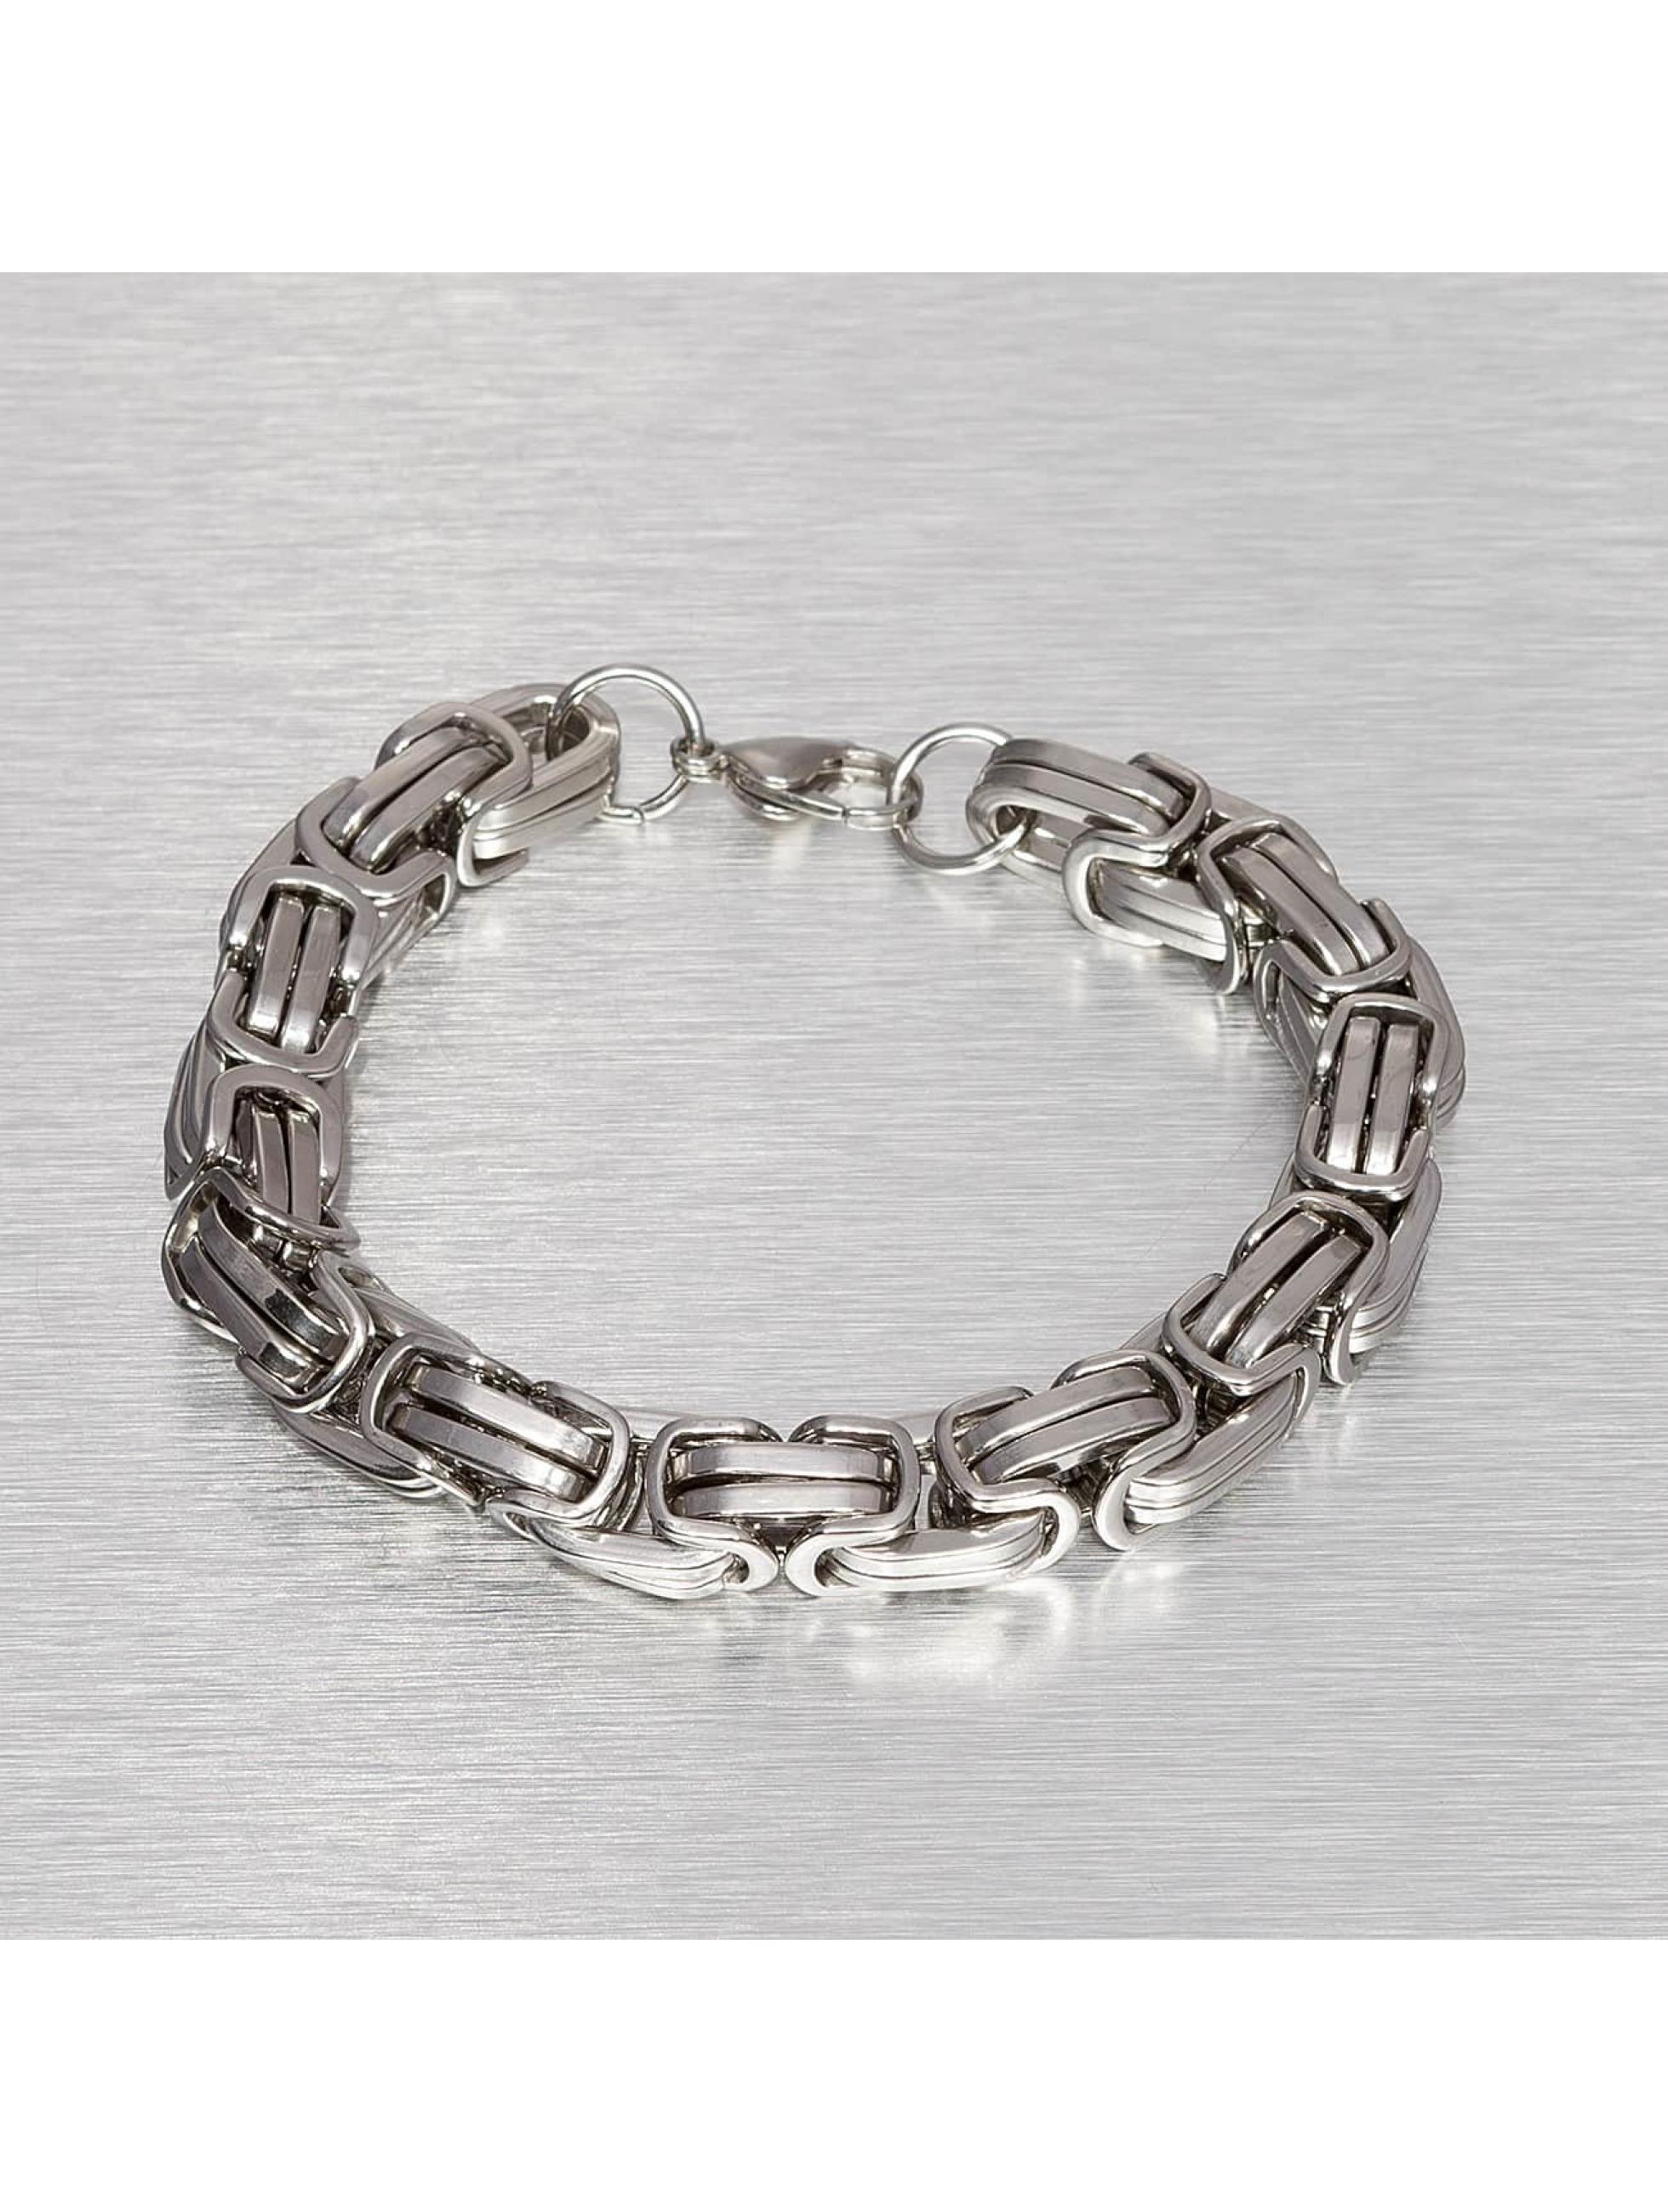 Paris Jewelry Männer,Frauen Armband 21 cm Stainless in silberfarben